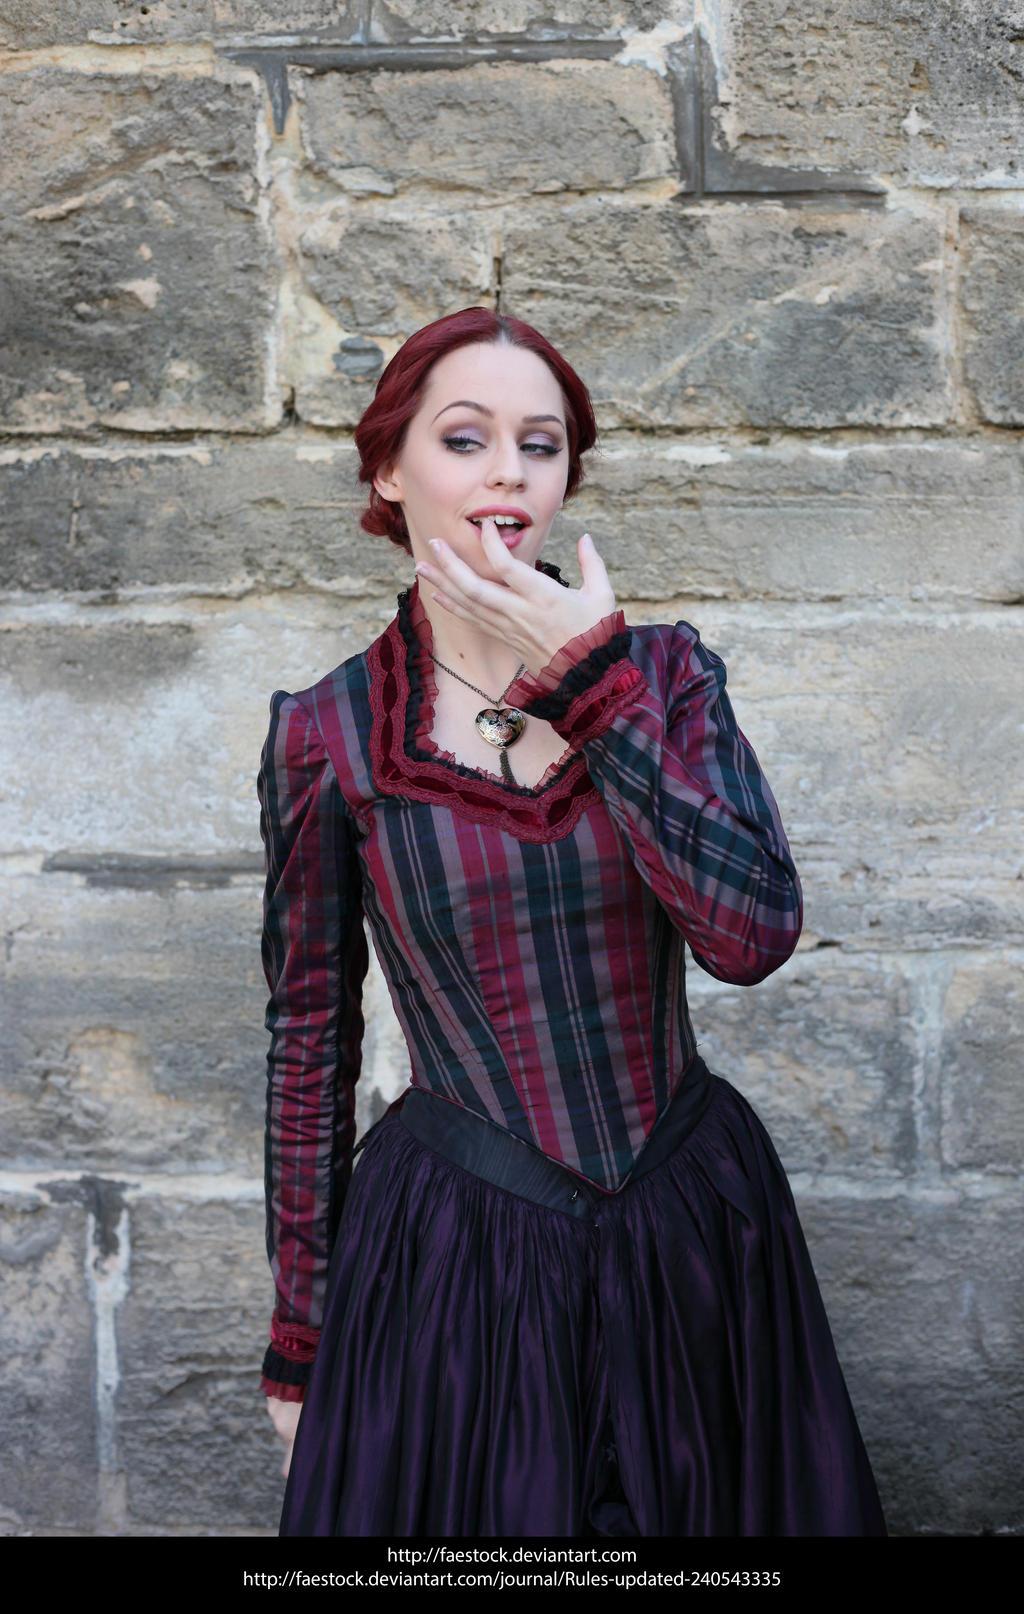 Victoriana29 by faestock